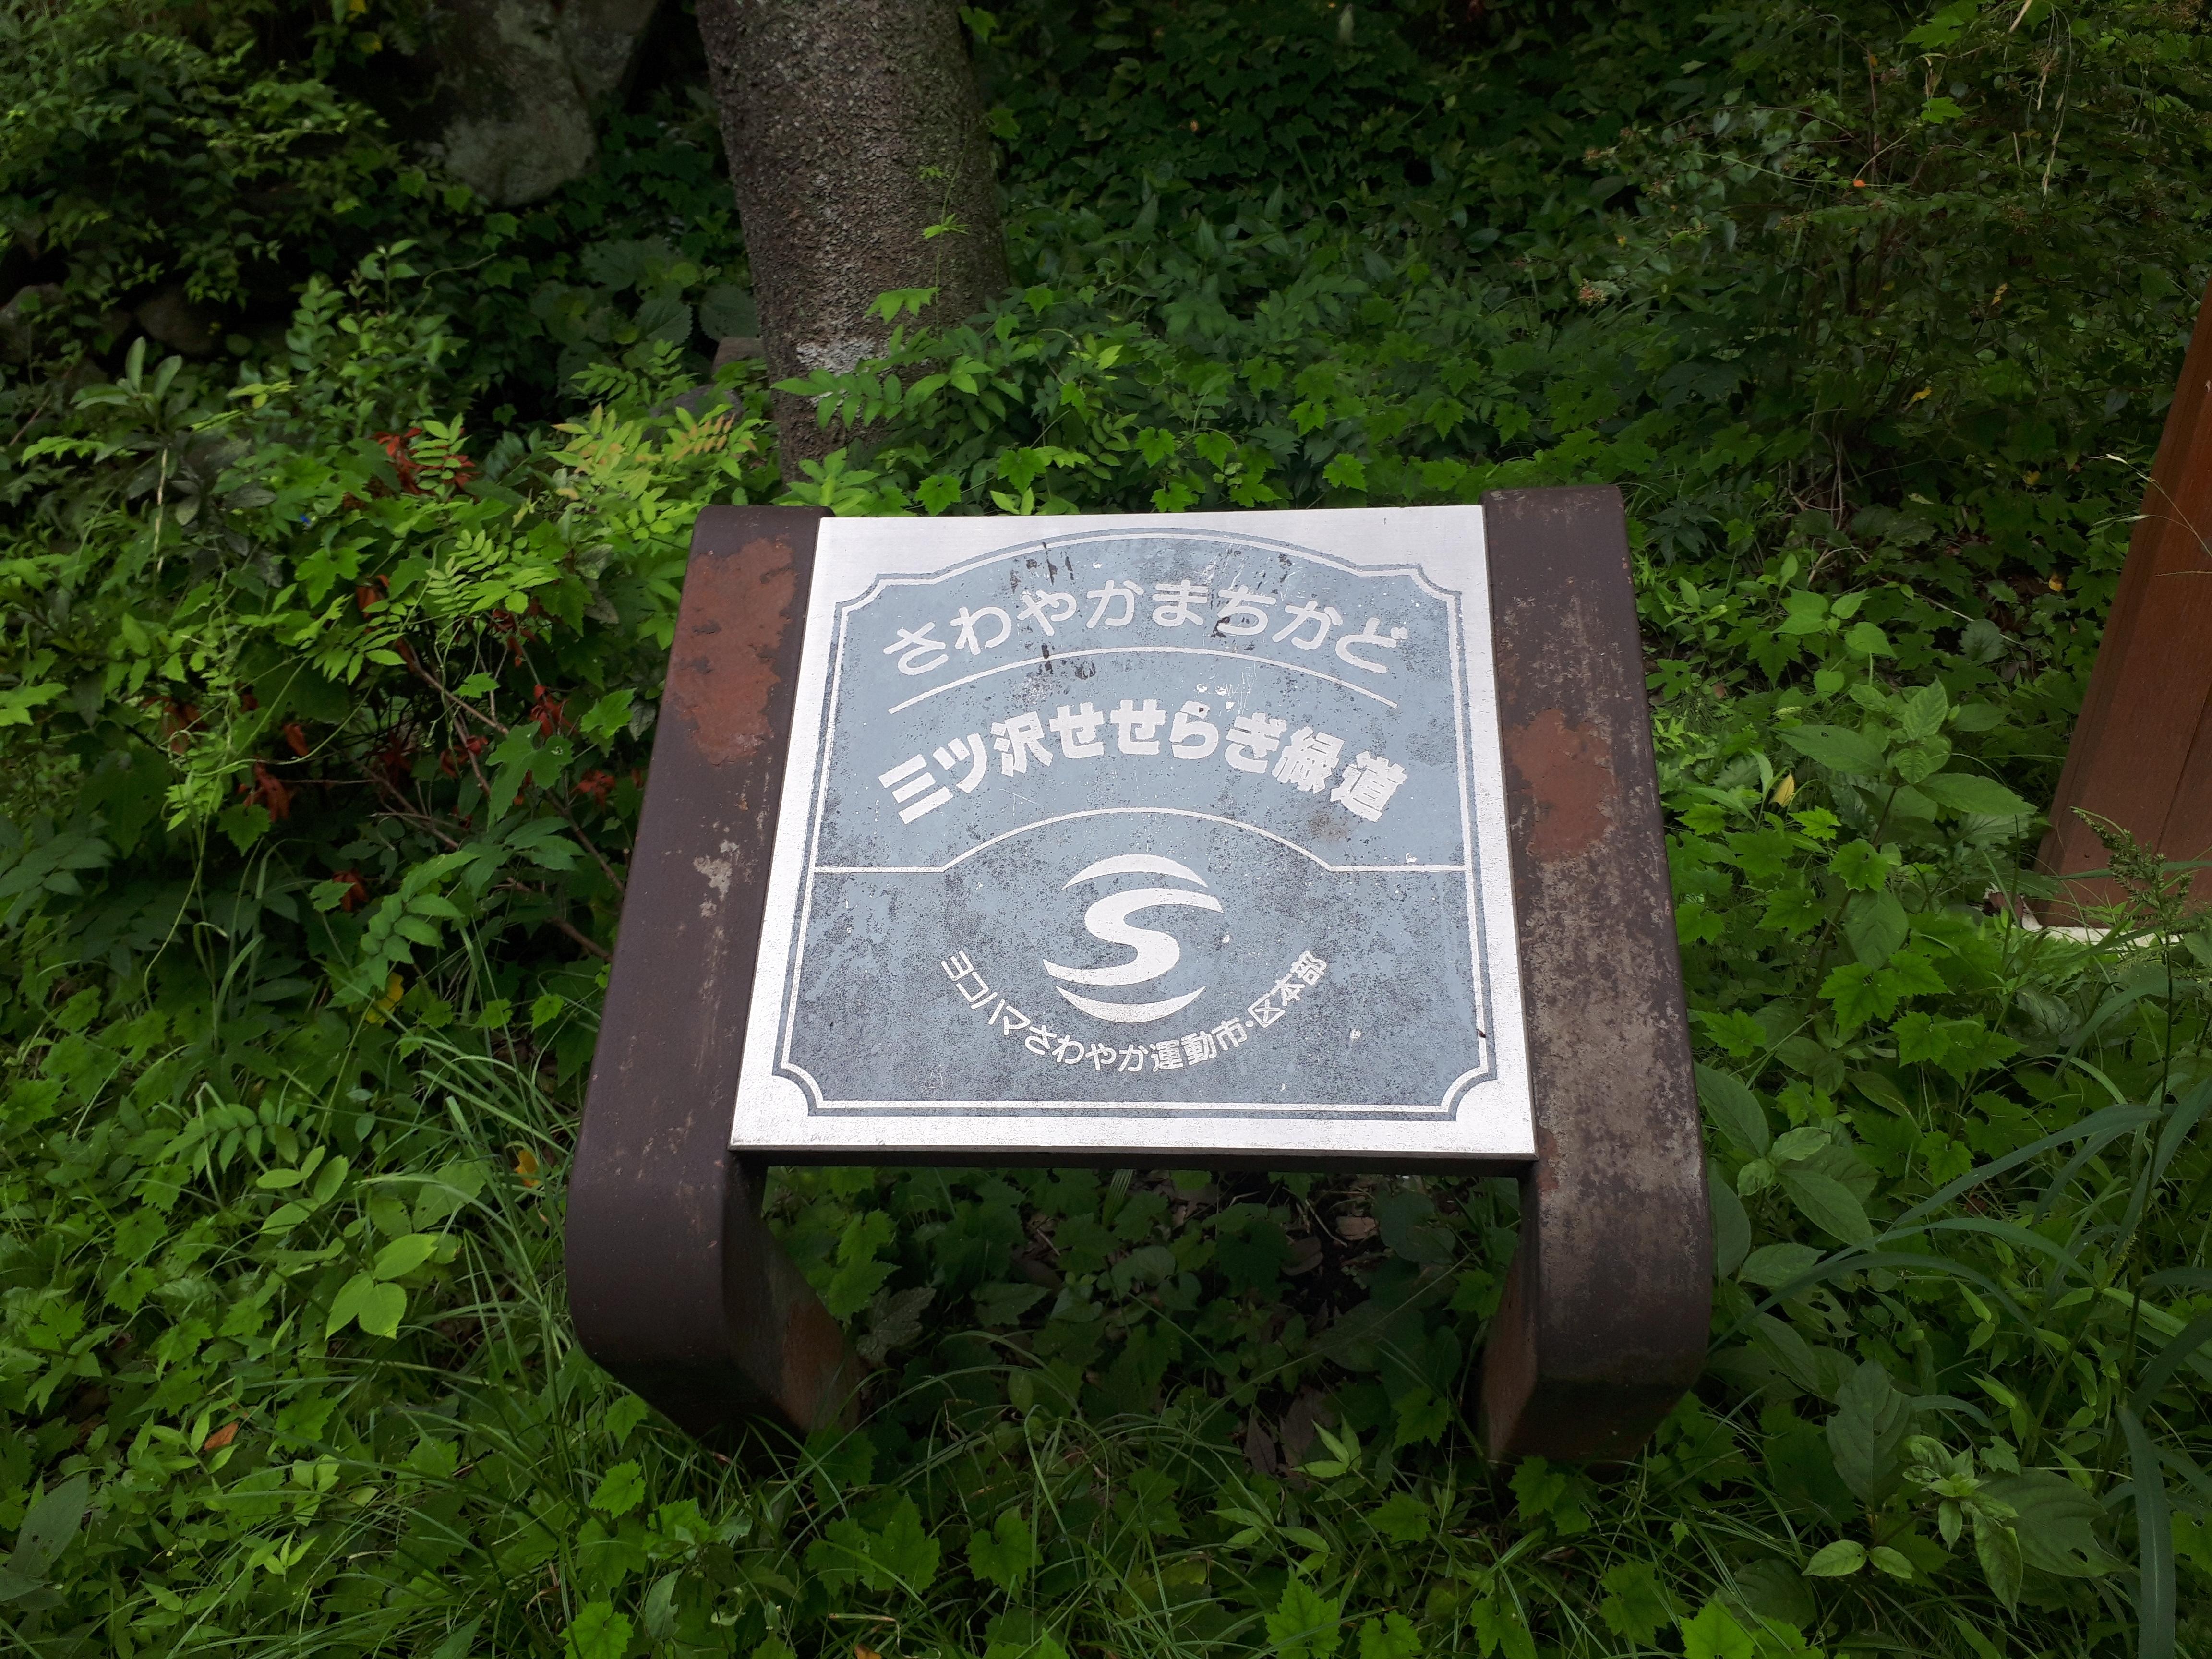 【お散歩】三ッ沢せせらぎ緑道歩いてきました。